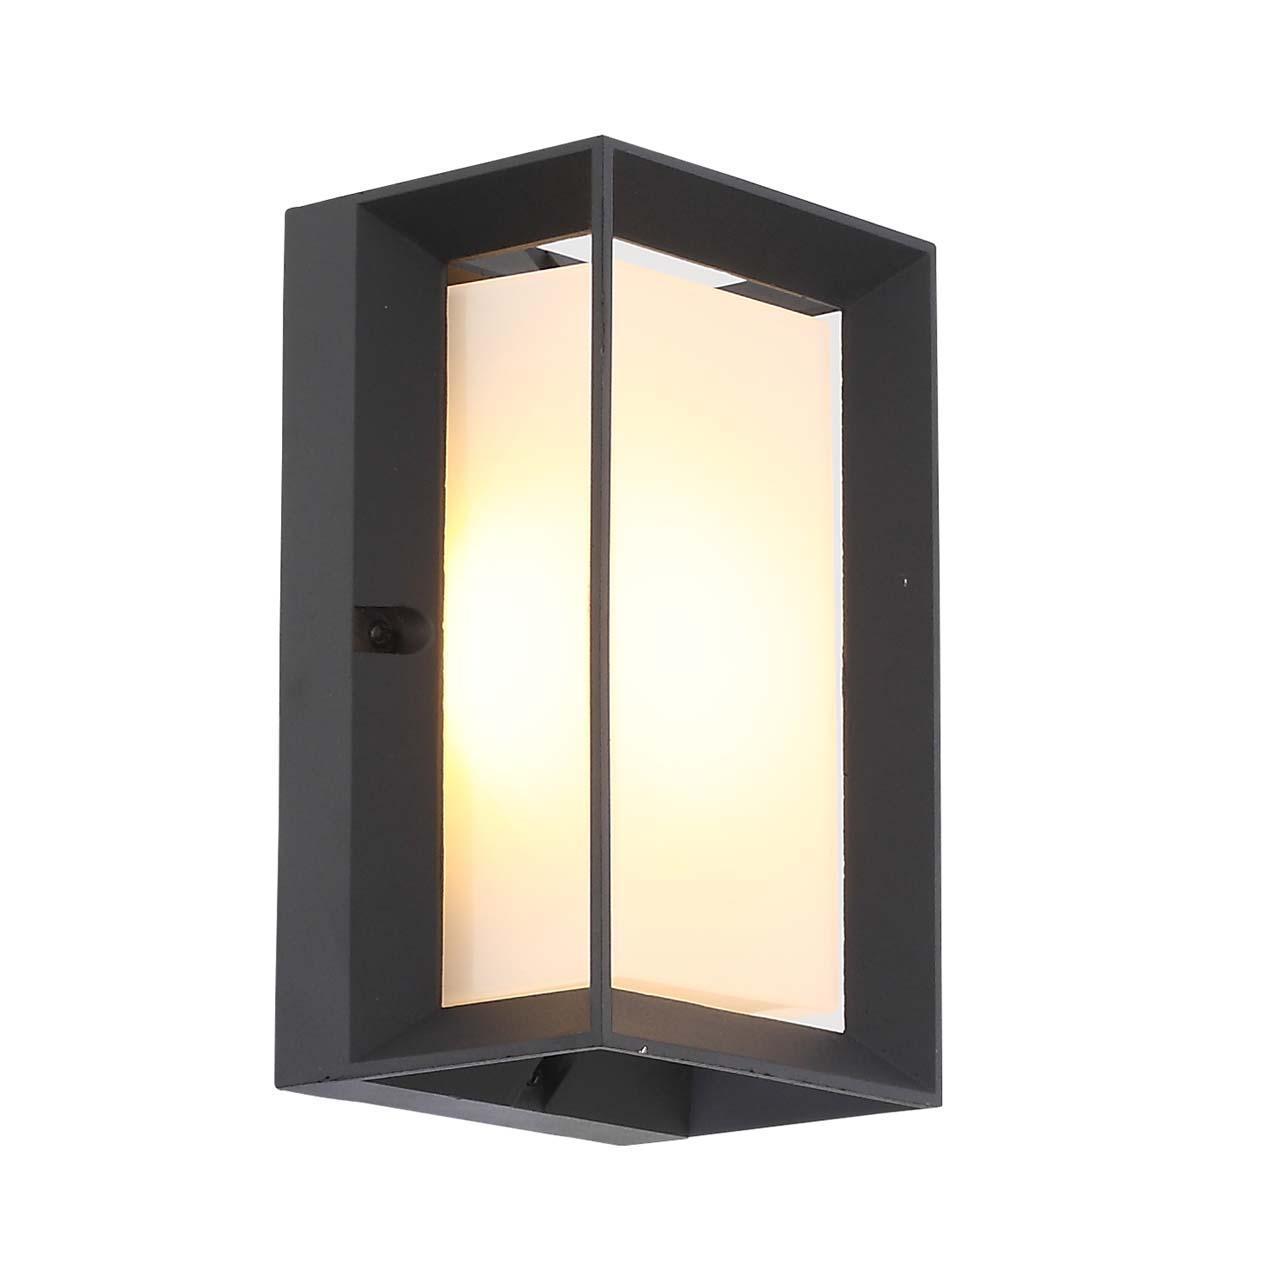 Уличный настенный светодиодный светильник Cubista с плафоном из акрила